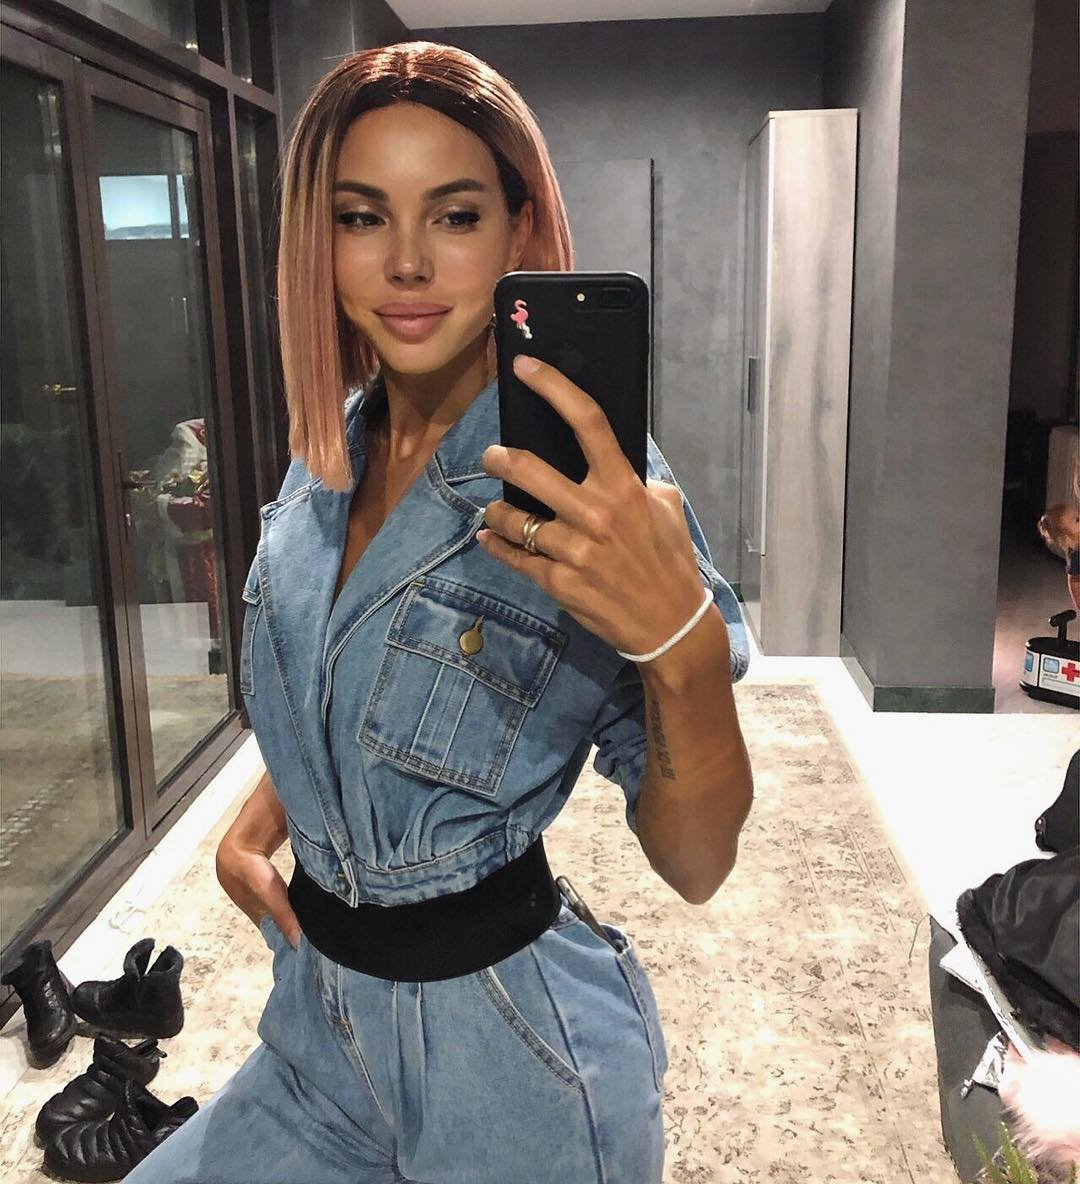 Оксана Самойлова кардинально сменила имидж, покрасив волосы в розовый цвет